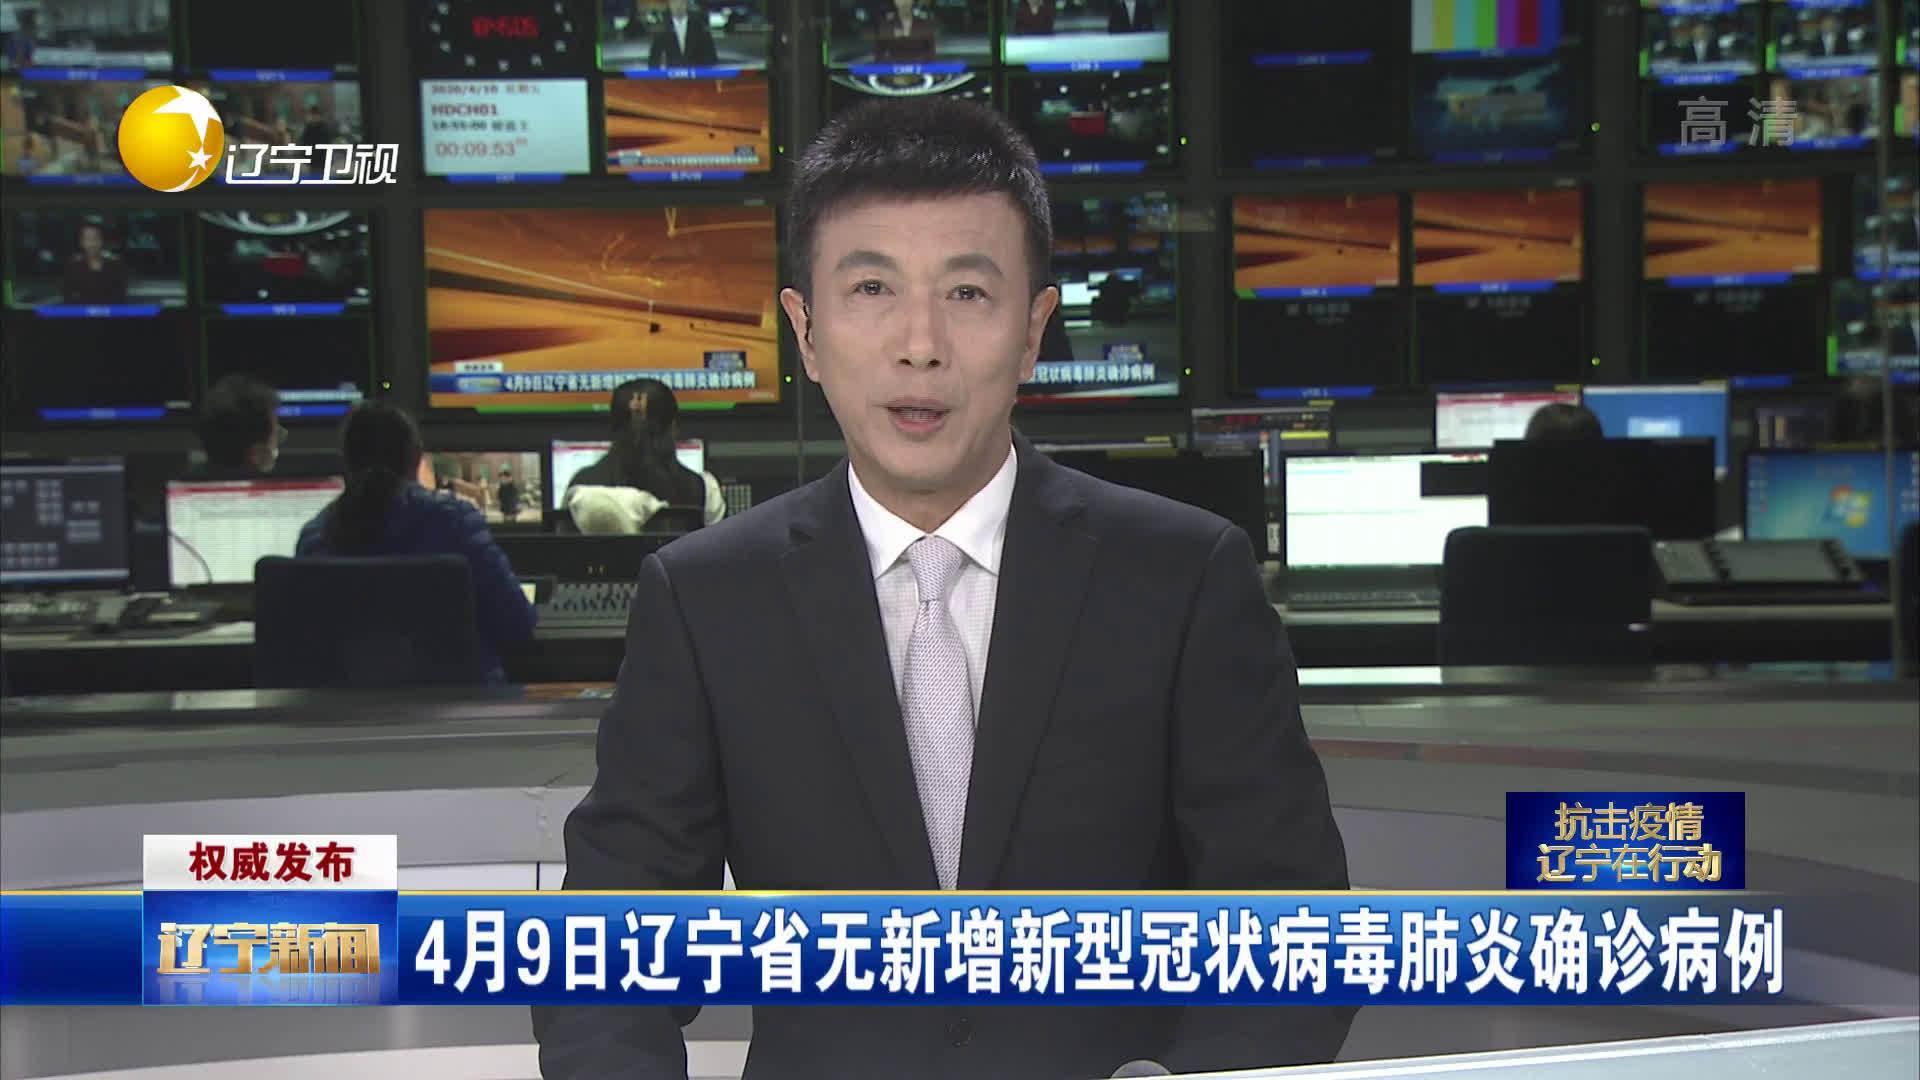 4月9日 辽宁省无新增新型冠状病毒肺炎确诊病例